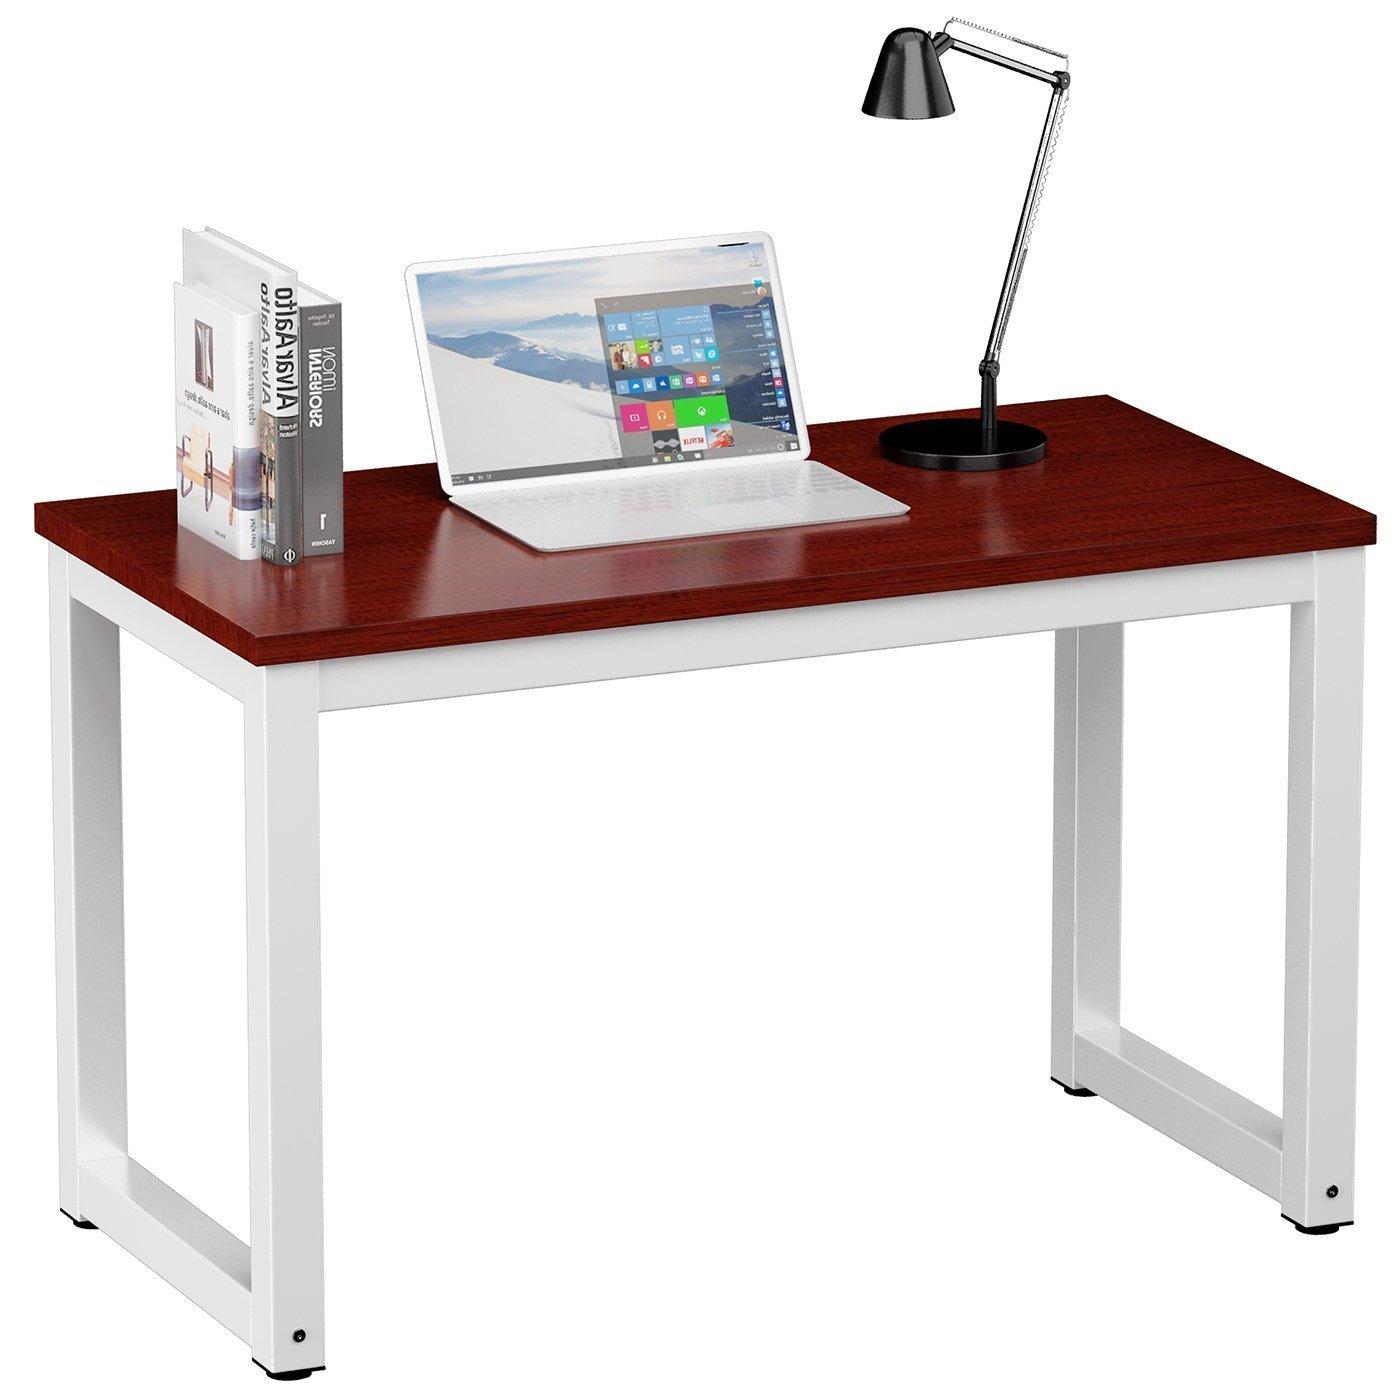 Bureau de bureau JL Comfurni pour bureau de jeux informatiques - meubles de bureau à domicile Table de style en bois